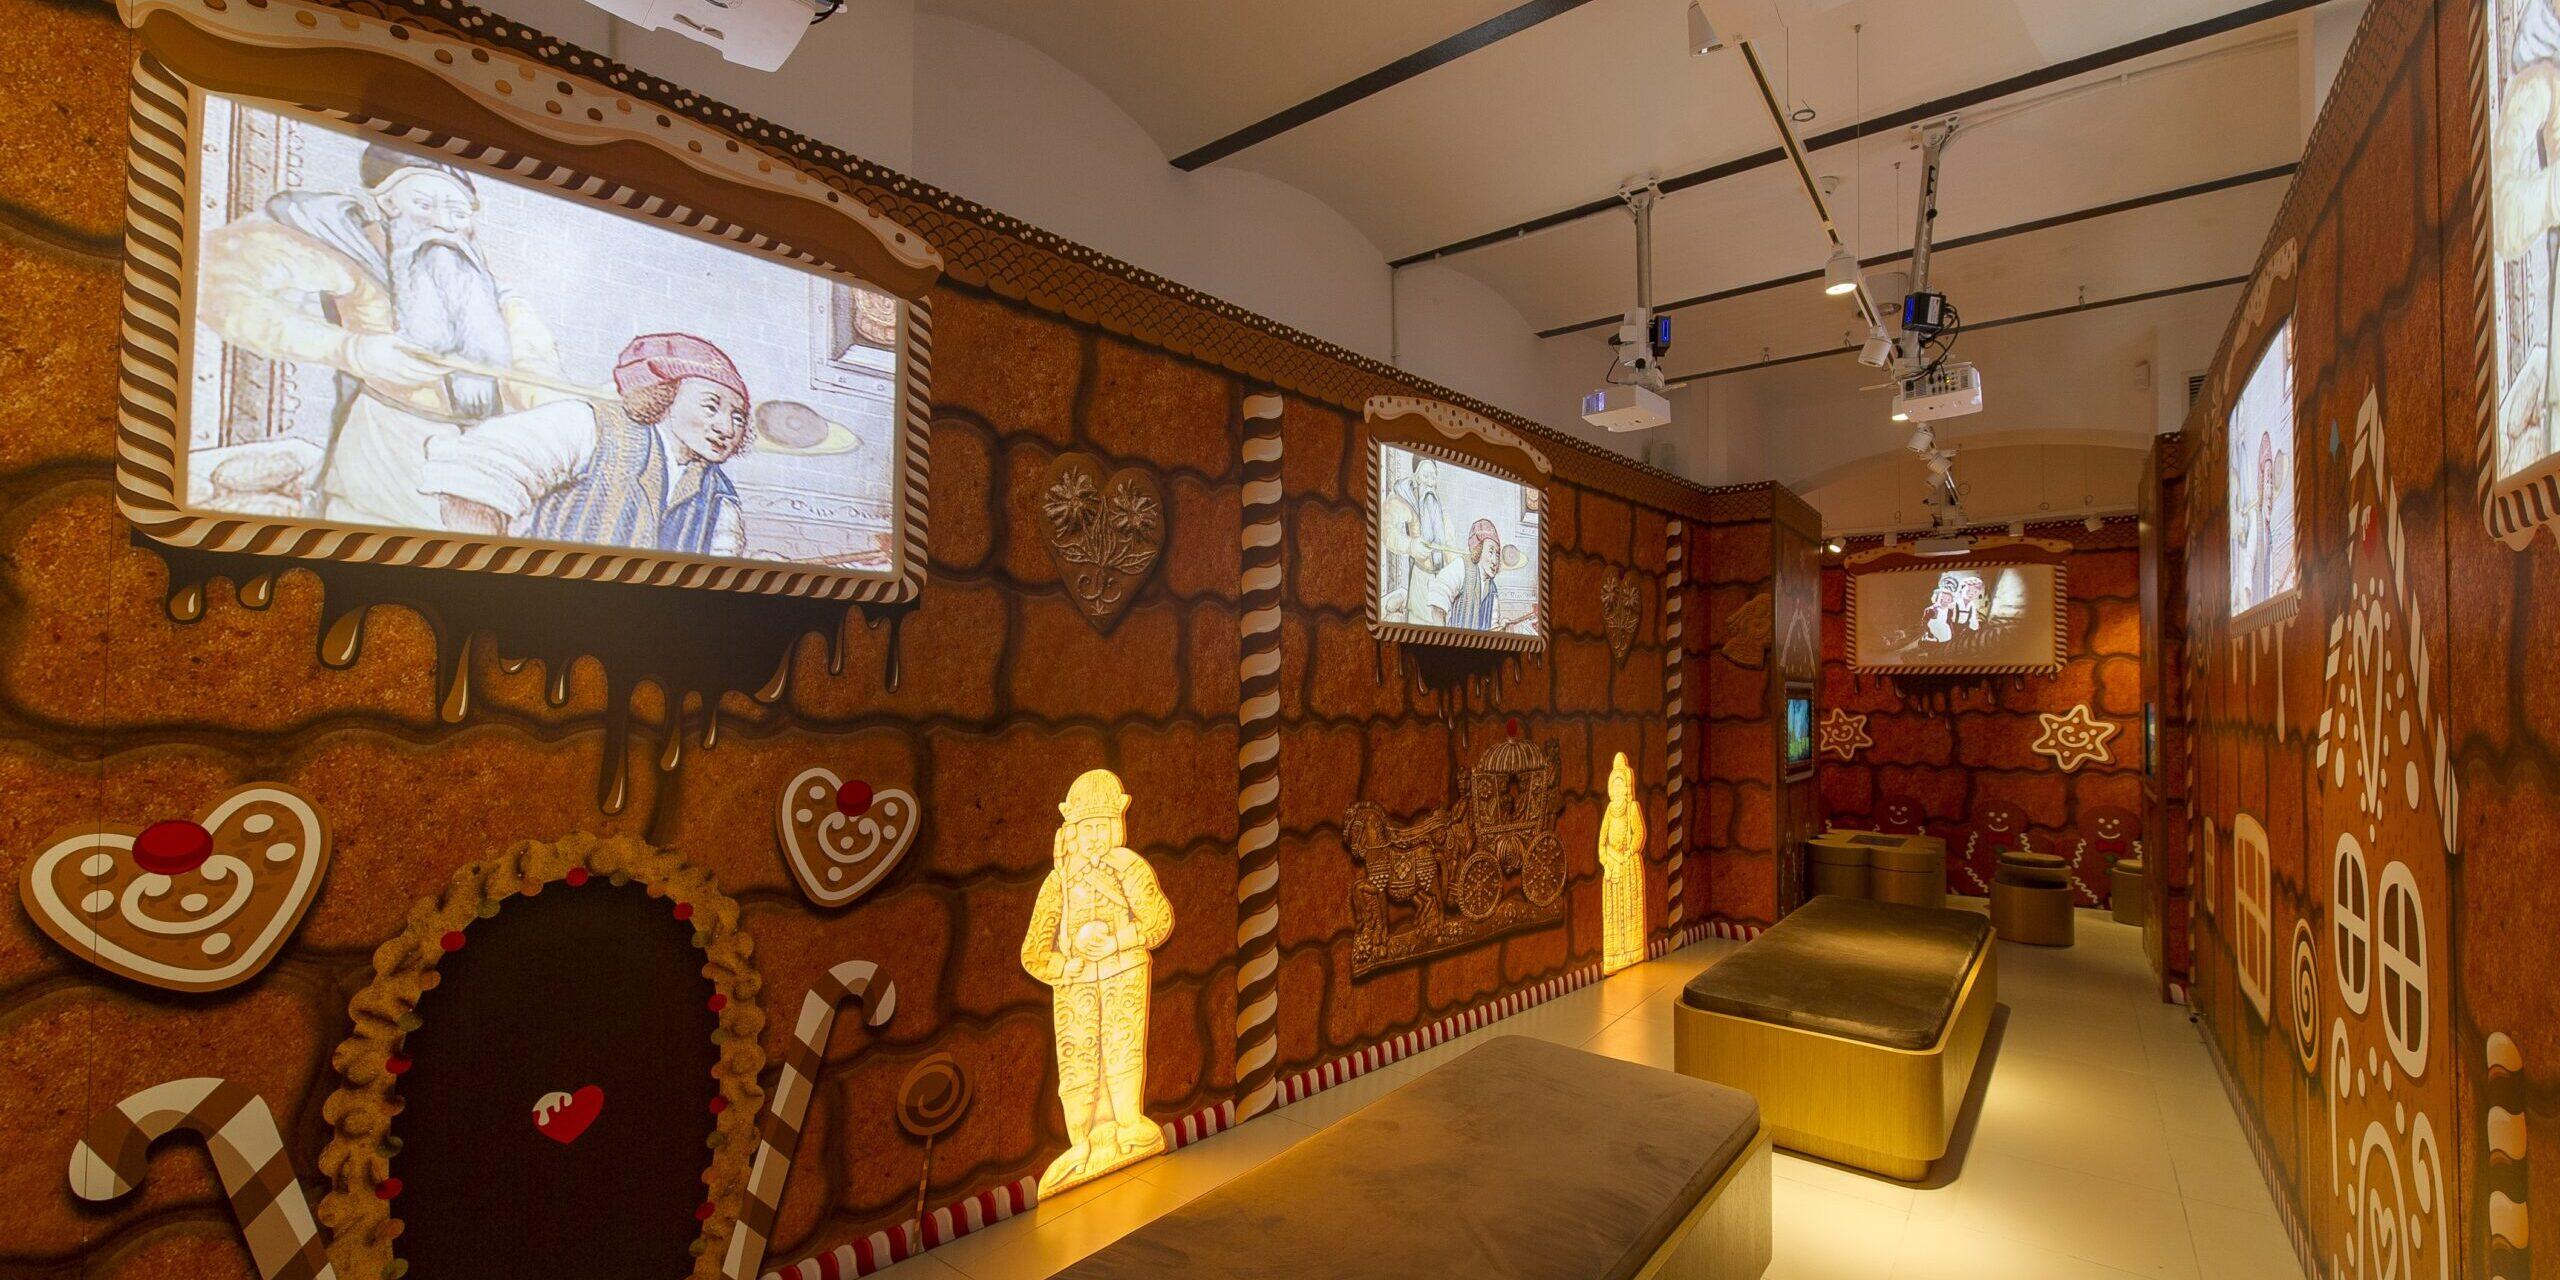 Poszerzenie działalności kulturalno – edukacyjnej w Muzeum Toruńskiego Piernika